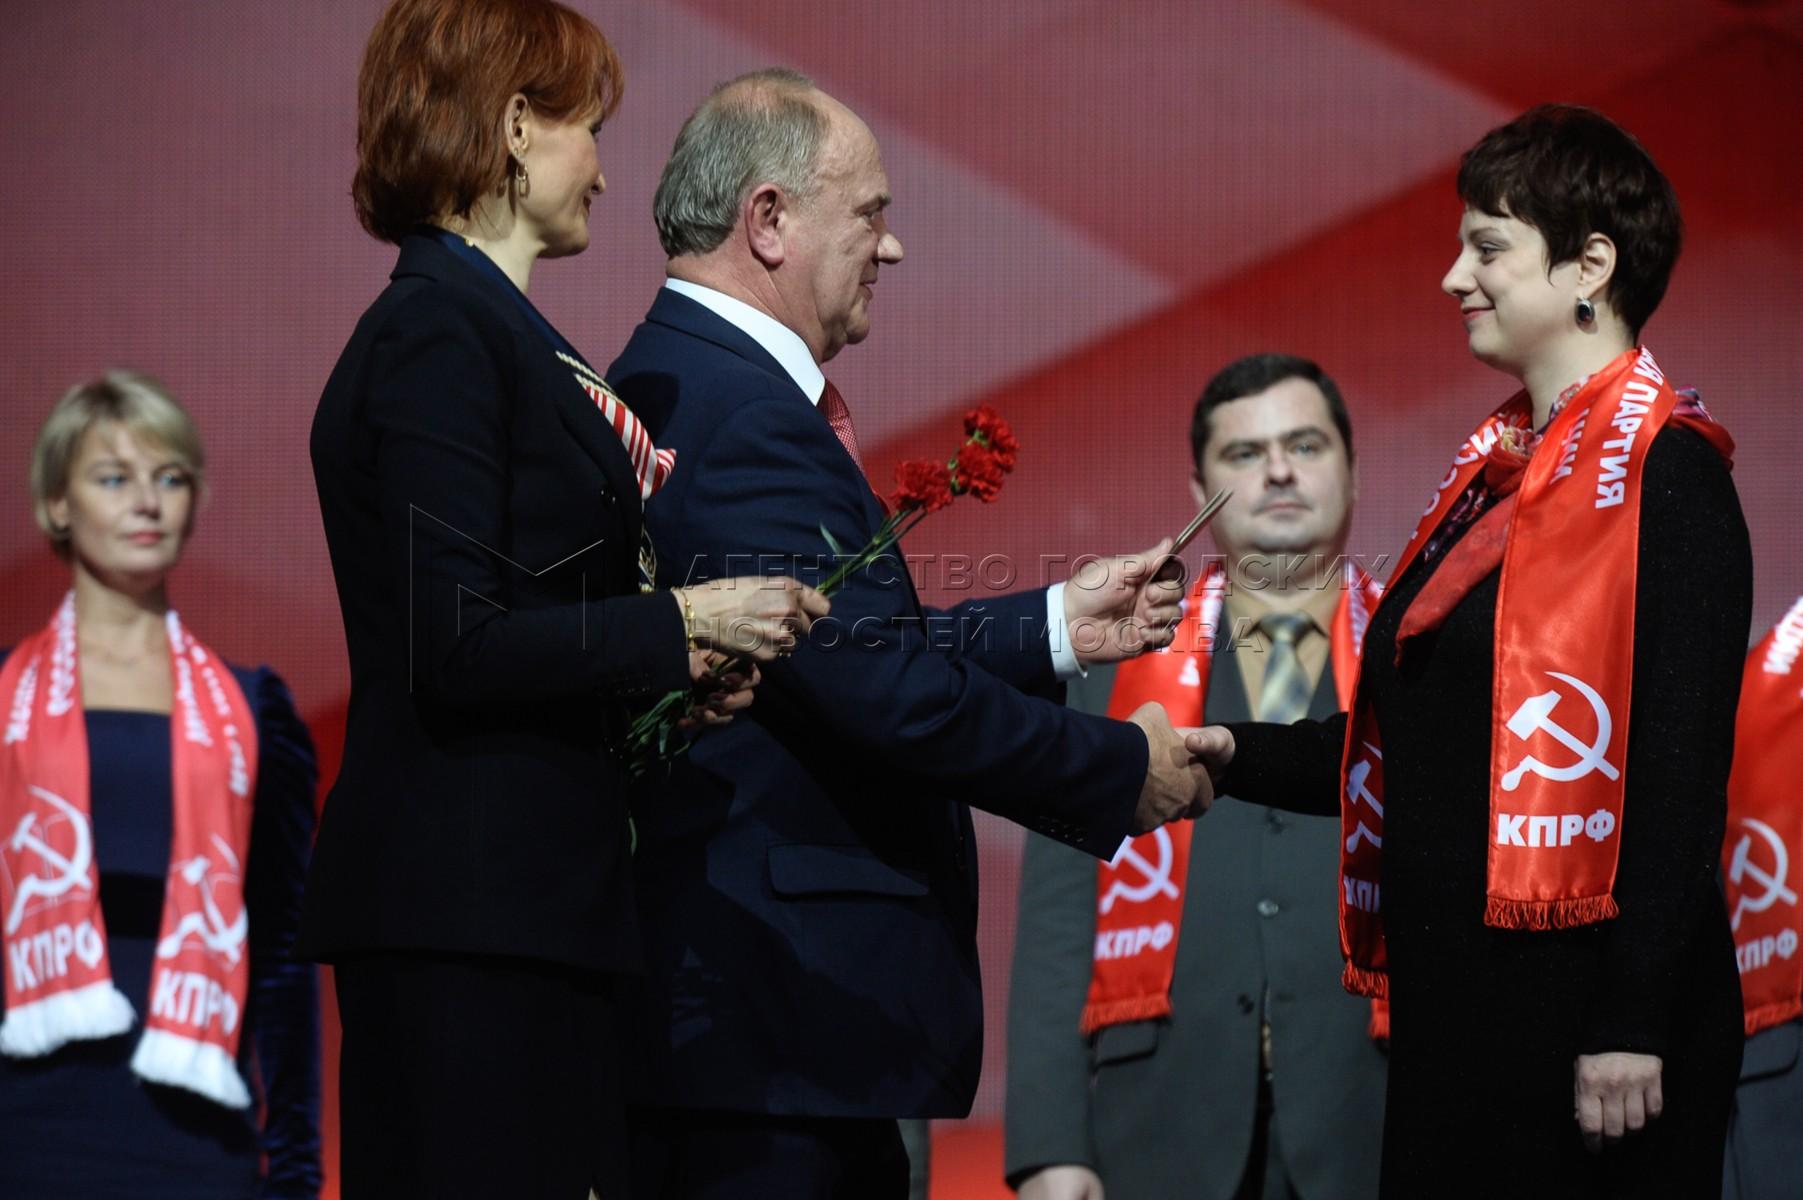 Торжественный вечер, посвященный 100-летию Великой Октябрьской социалистической революции в концертном зале «Россия» в «Лужниках».